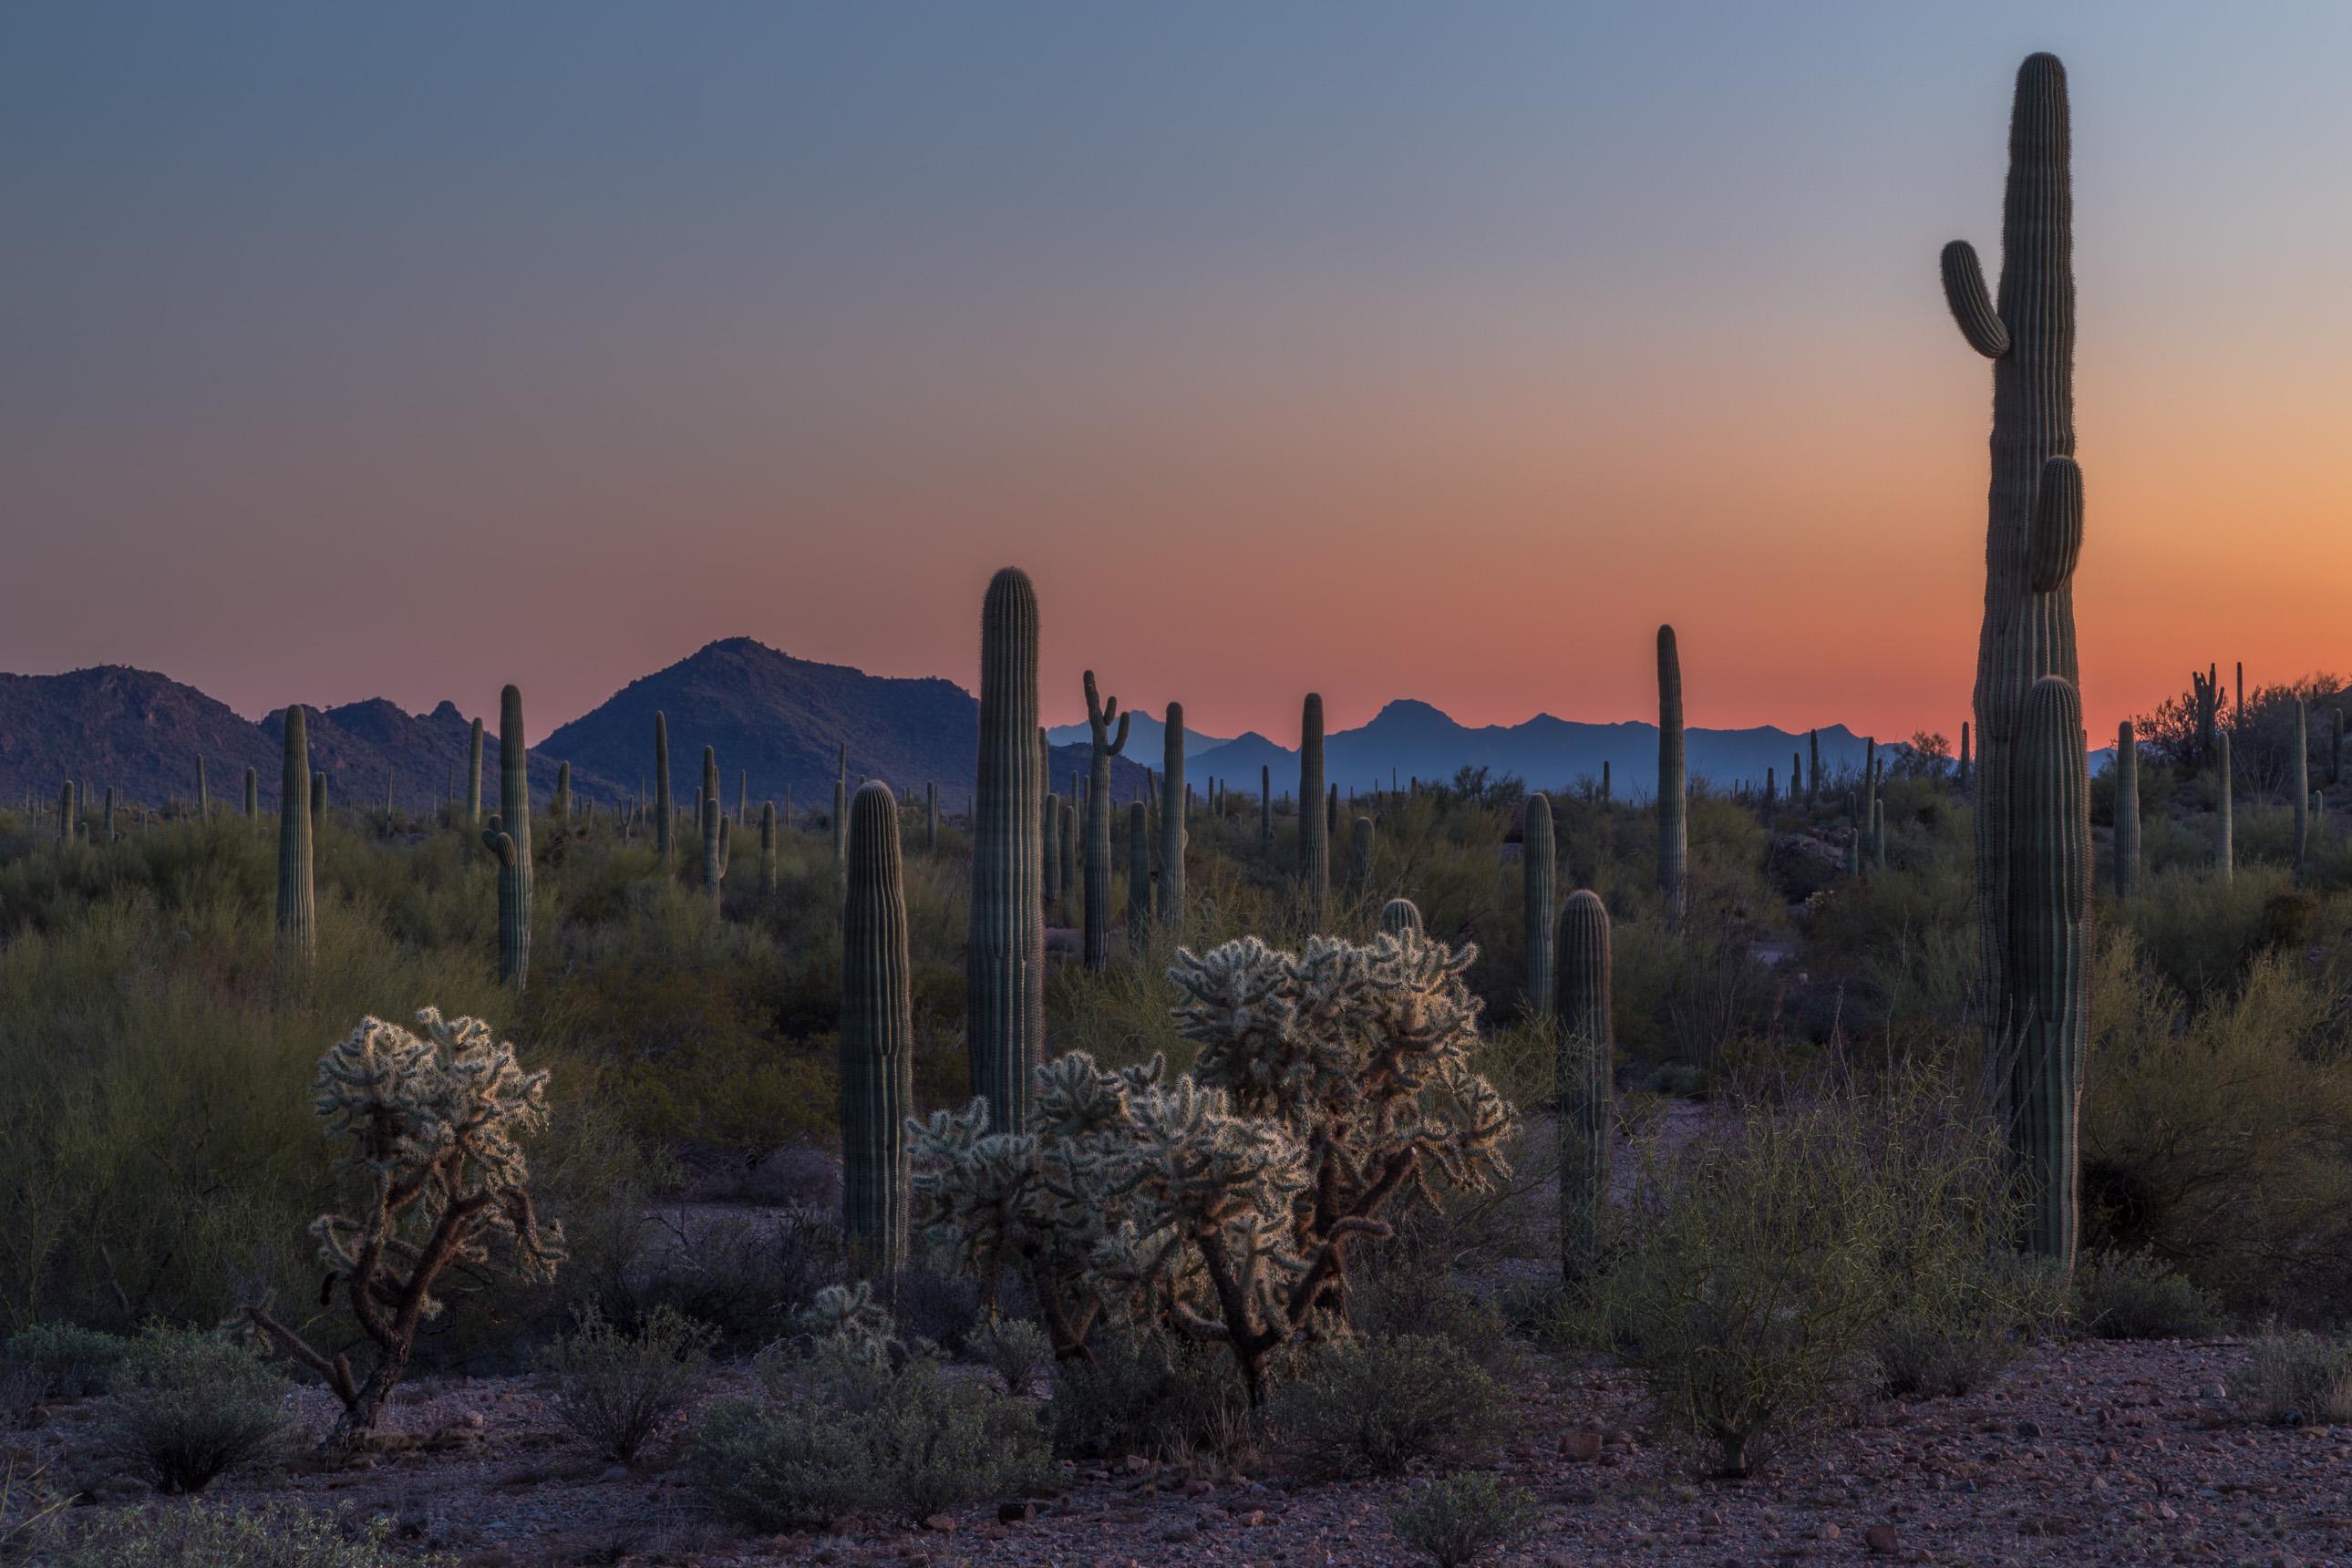 Sunset amongst the saguaros